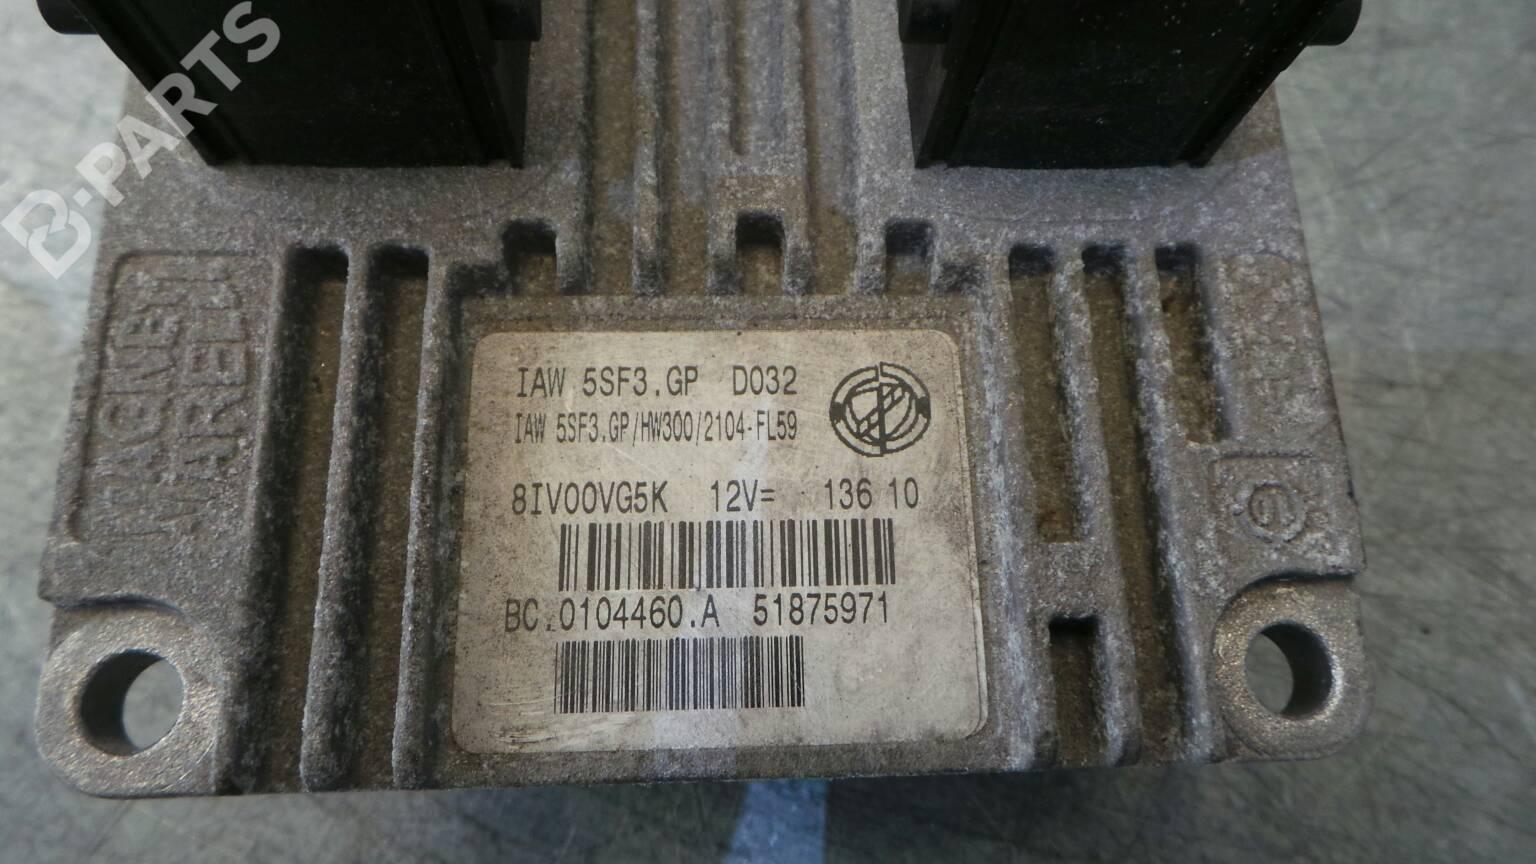 Engine Control Unit Ecu Fiat Punto Evo 199 14 60700 Fuse Box 51875971 145 Doors